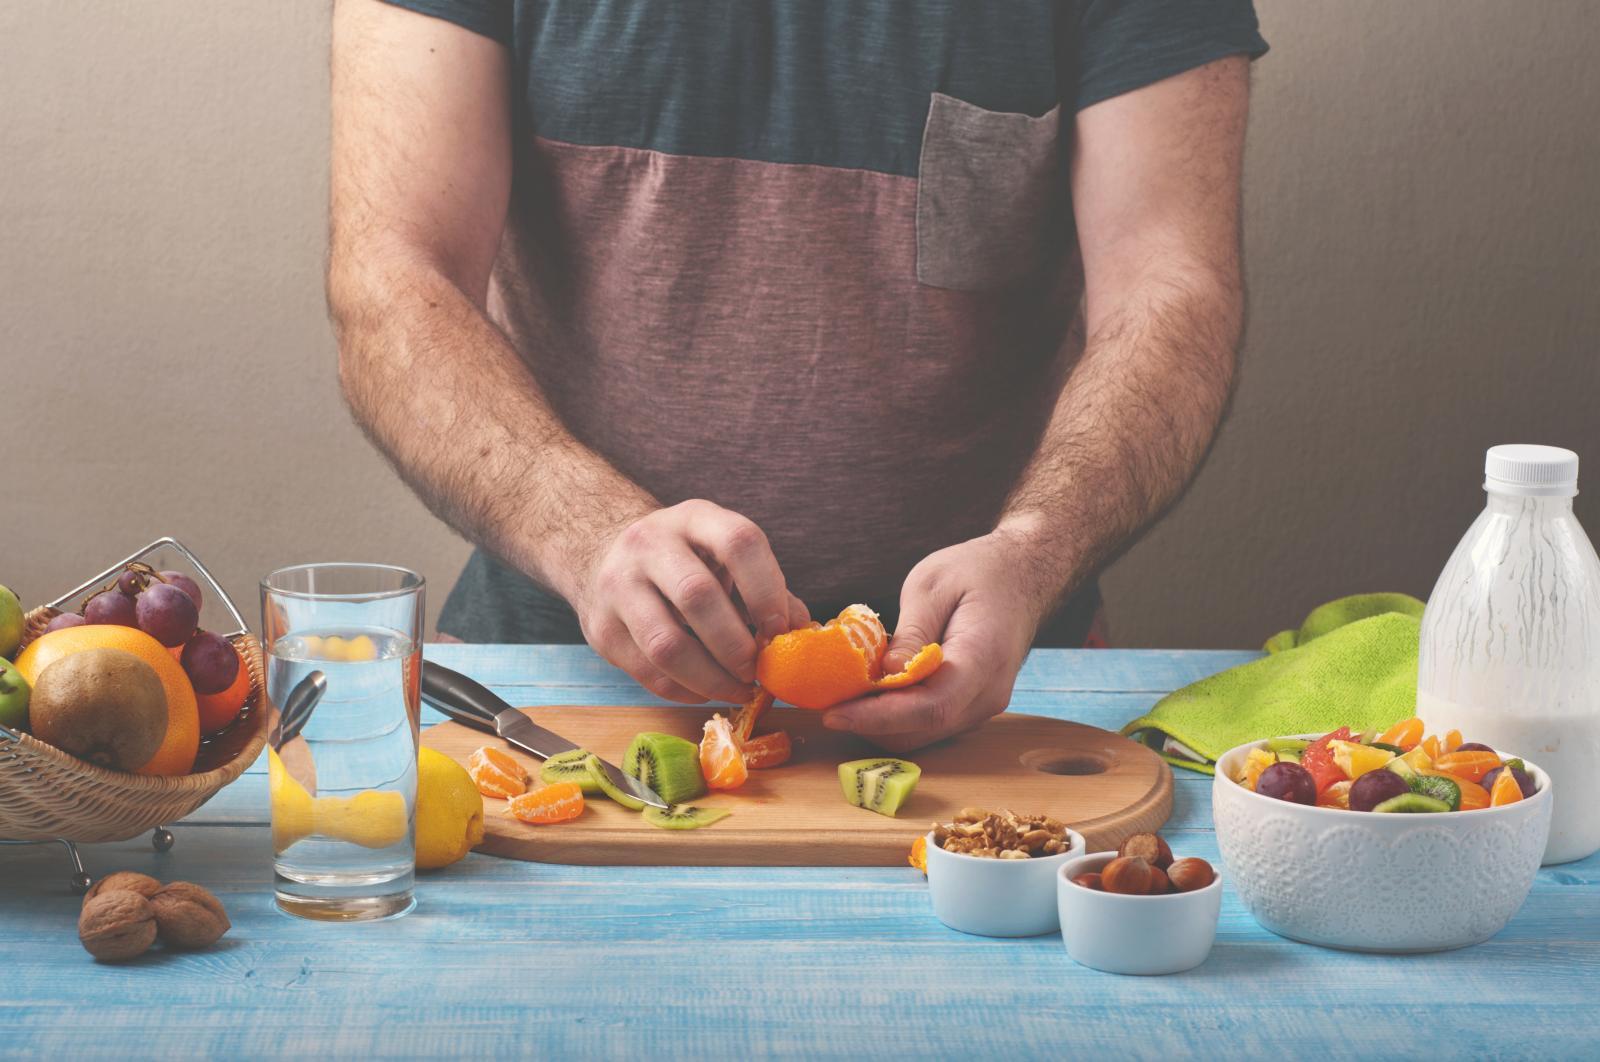 Dnevno bi trebalo pojesti osam porcija voća i povrća... Hmmm, pojedete li ih toliko?